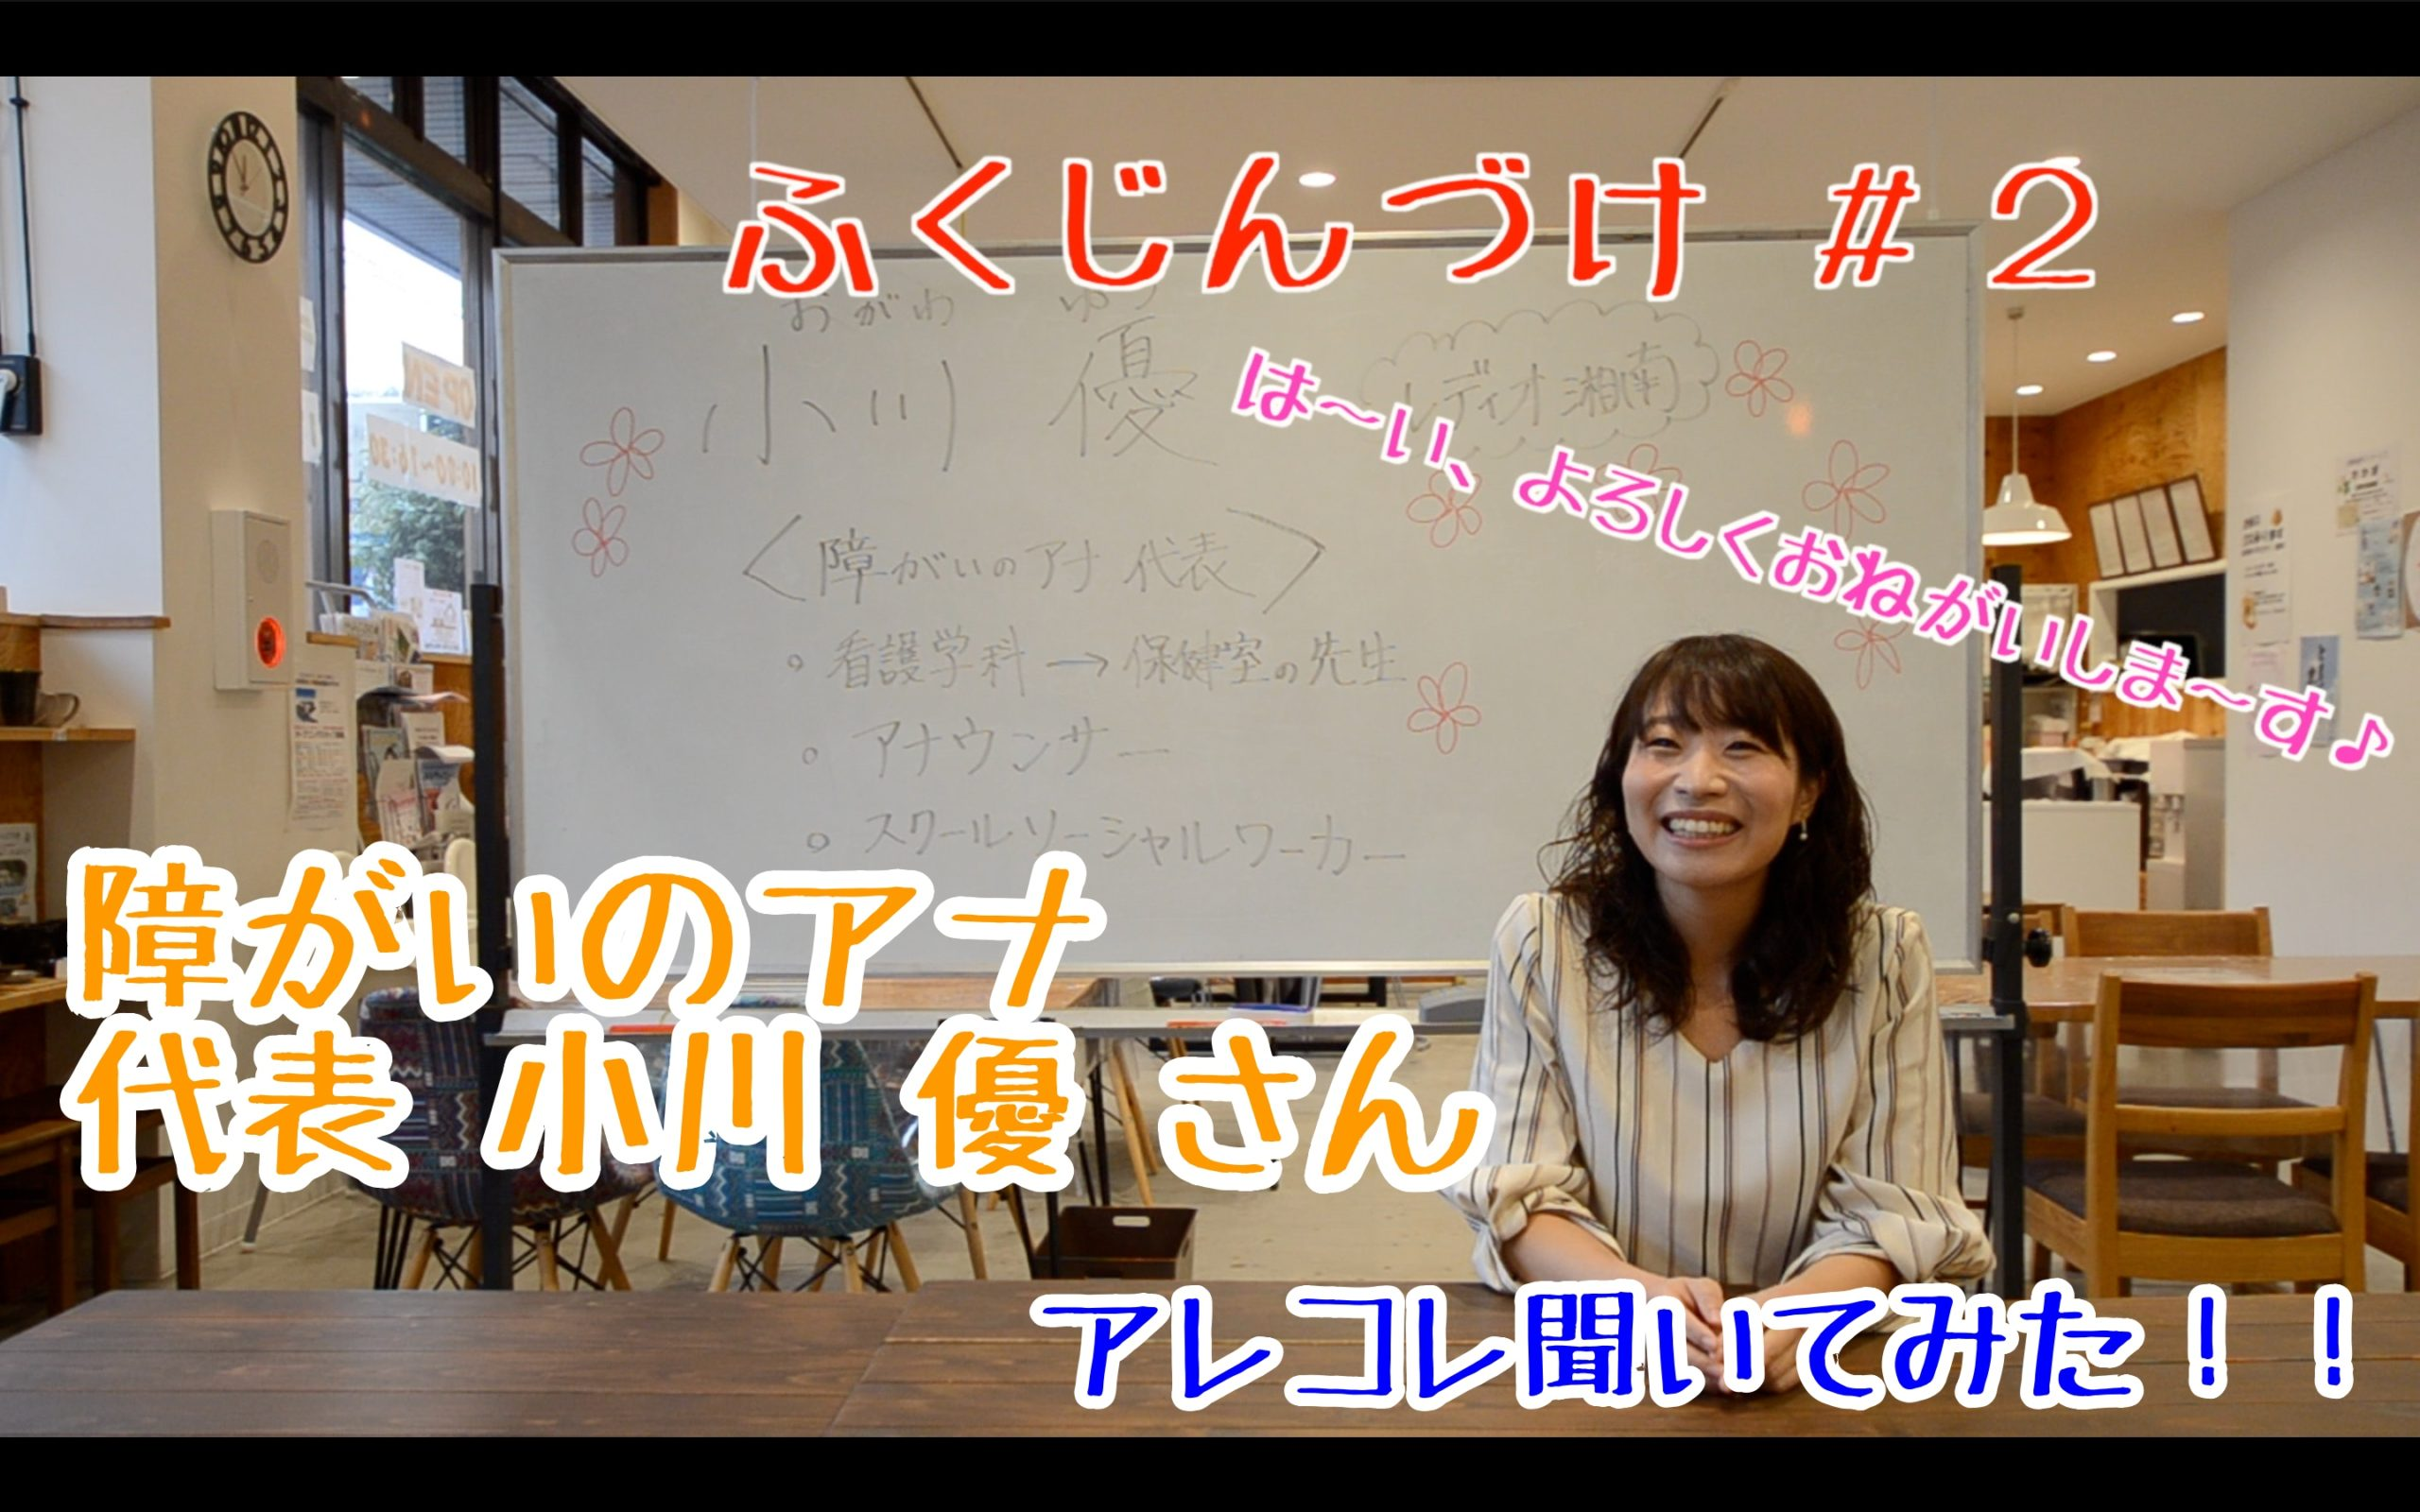 障がいのアナ 代表 小川優 さんにアレコレ聞いてみました!(ふくじんづけ#2)